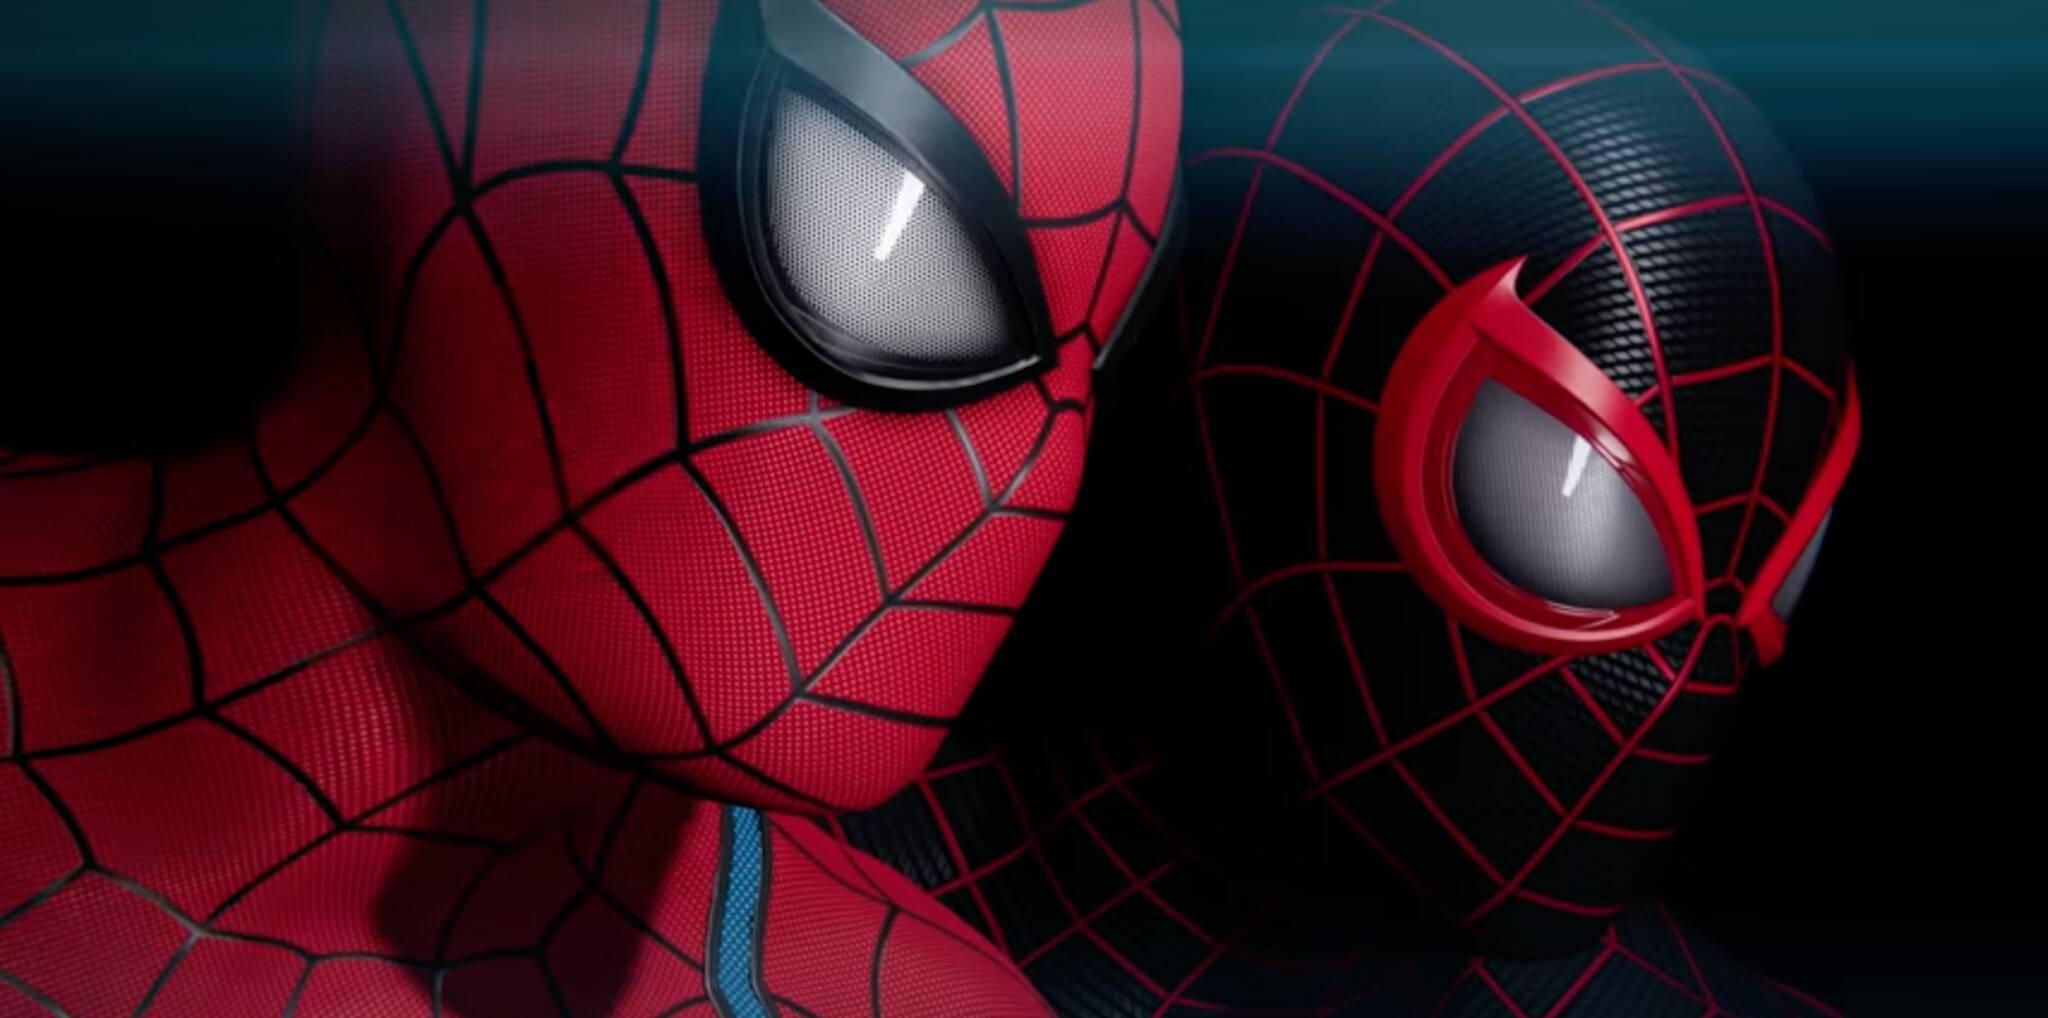 Marvel Spider-Man 2